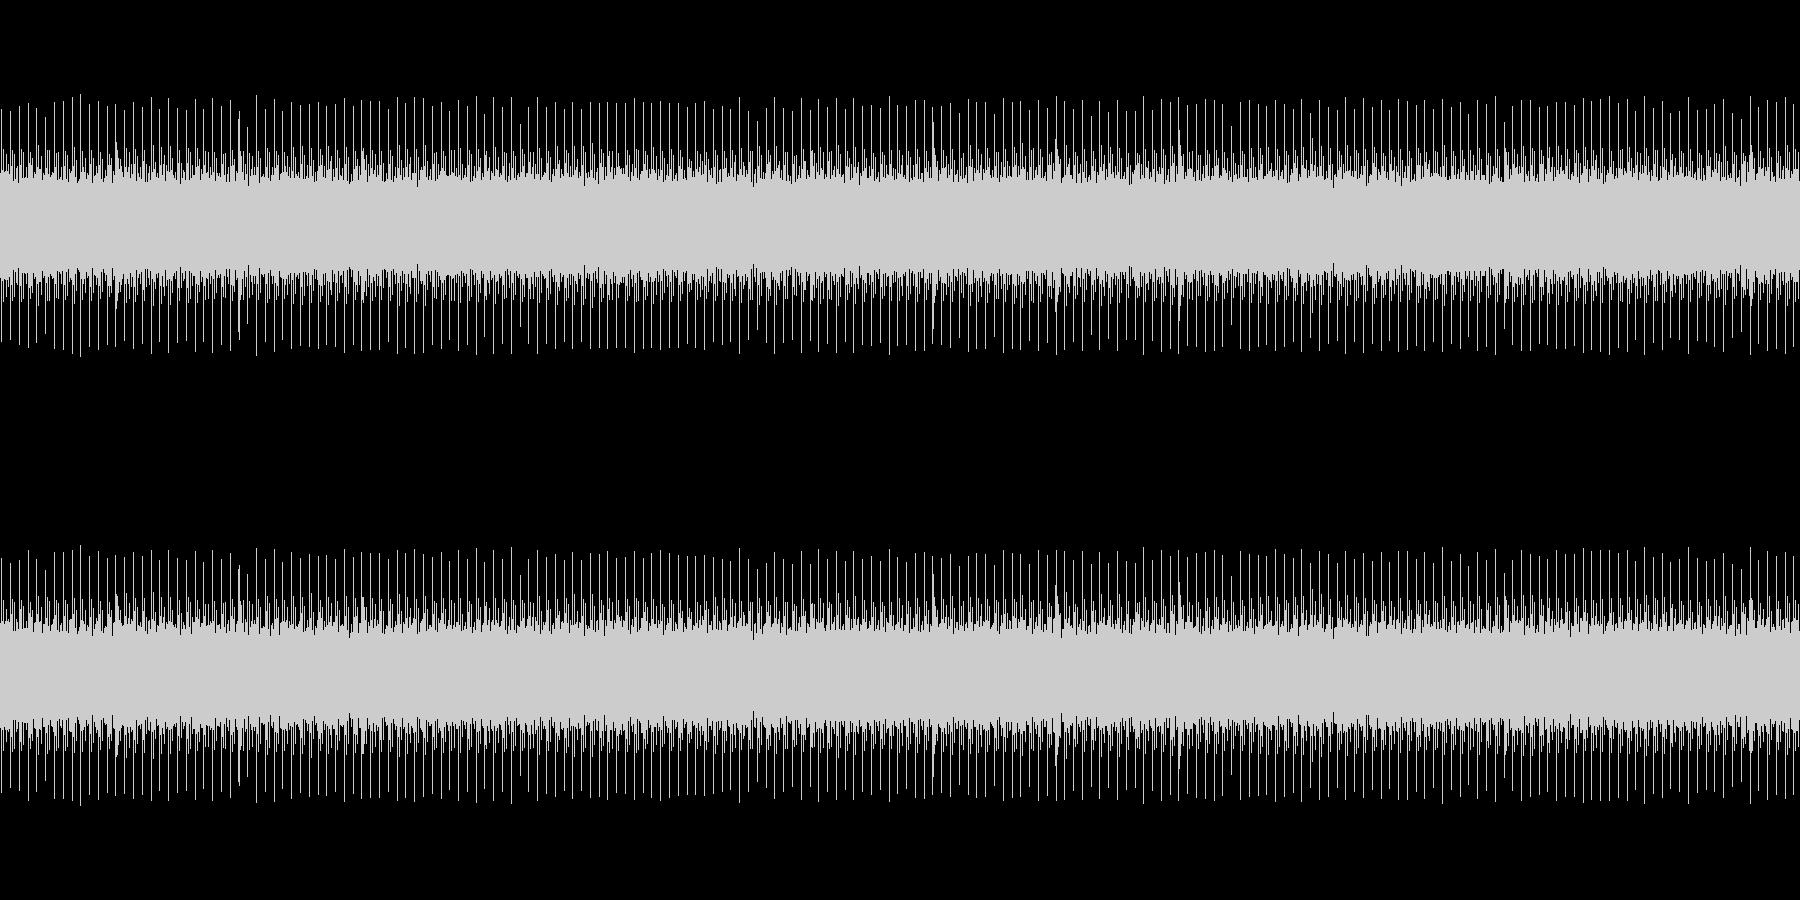 開演ブザーの未再生の波形